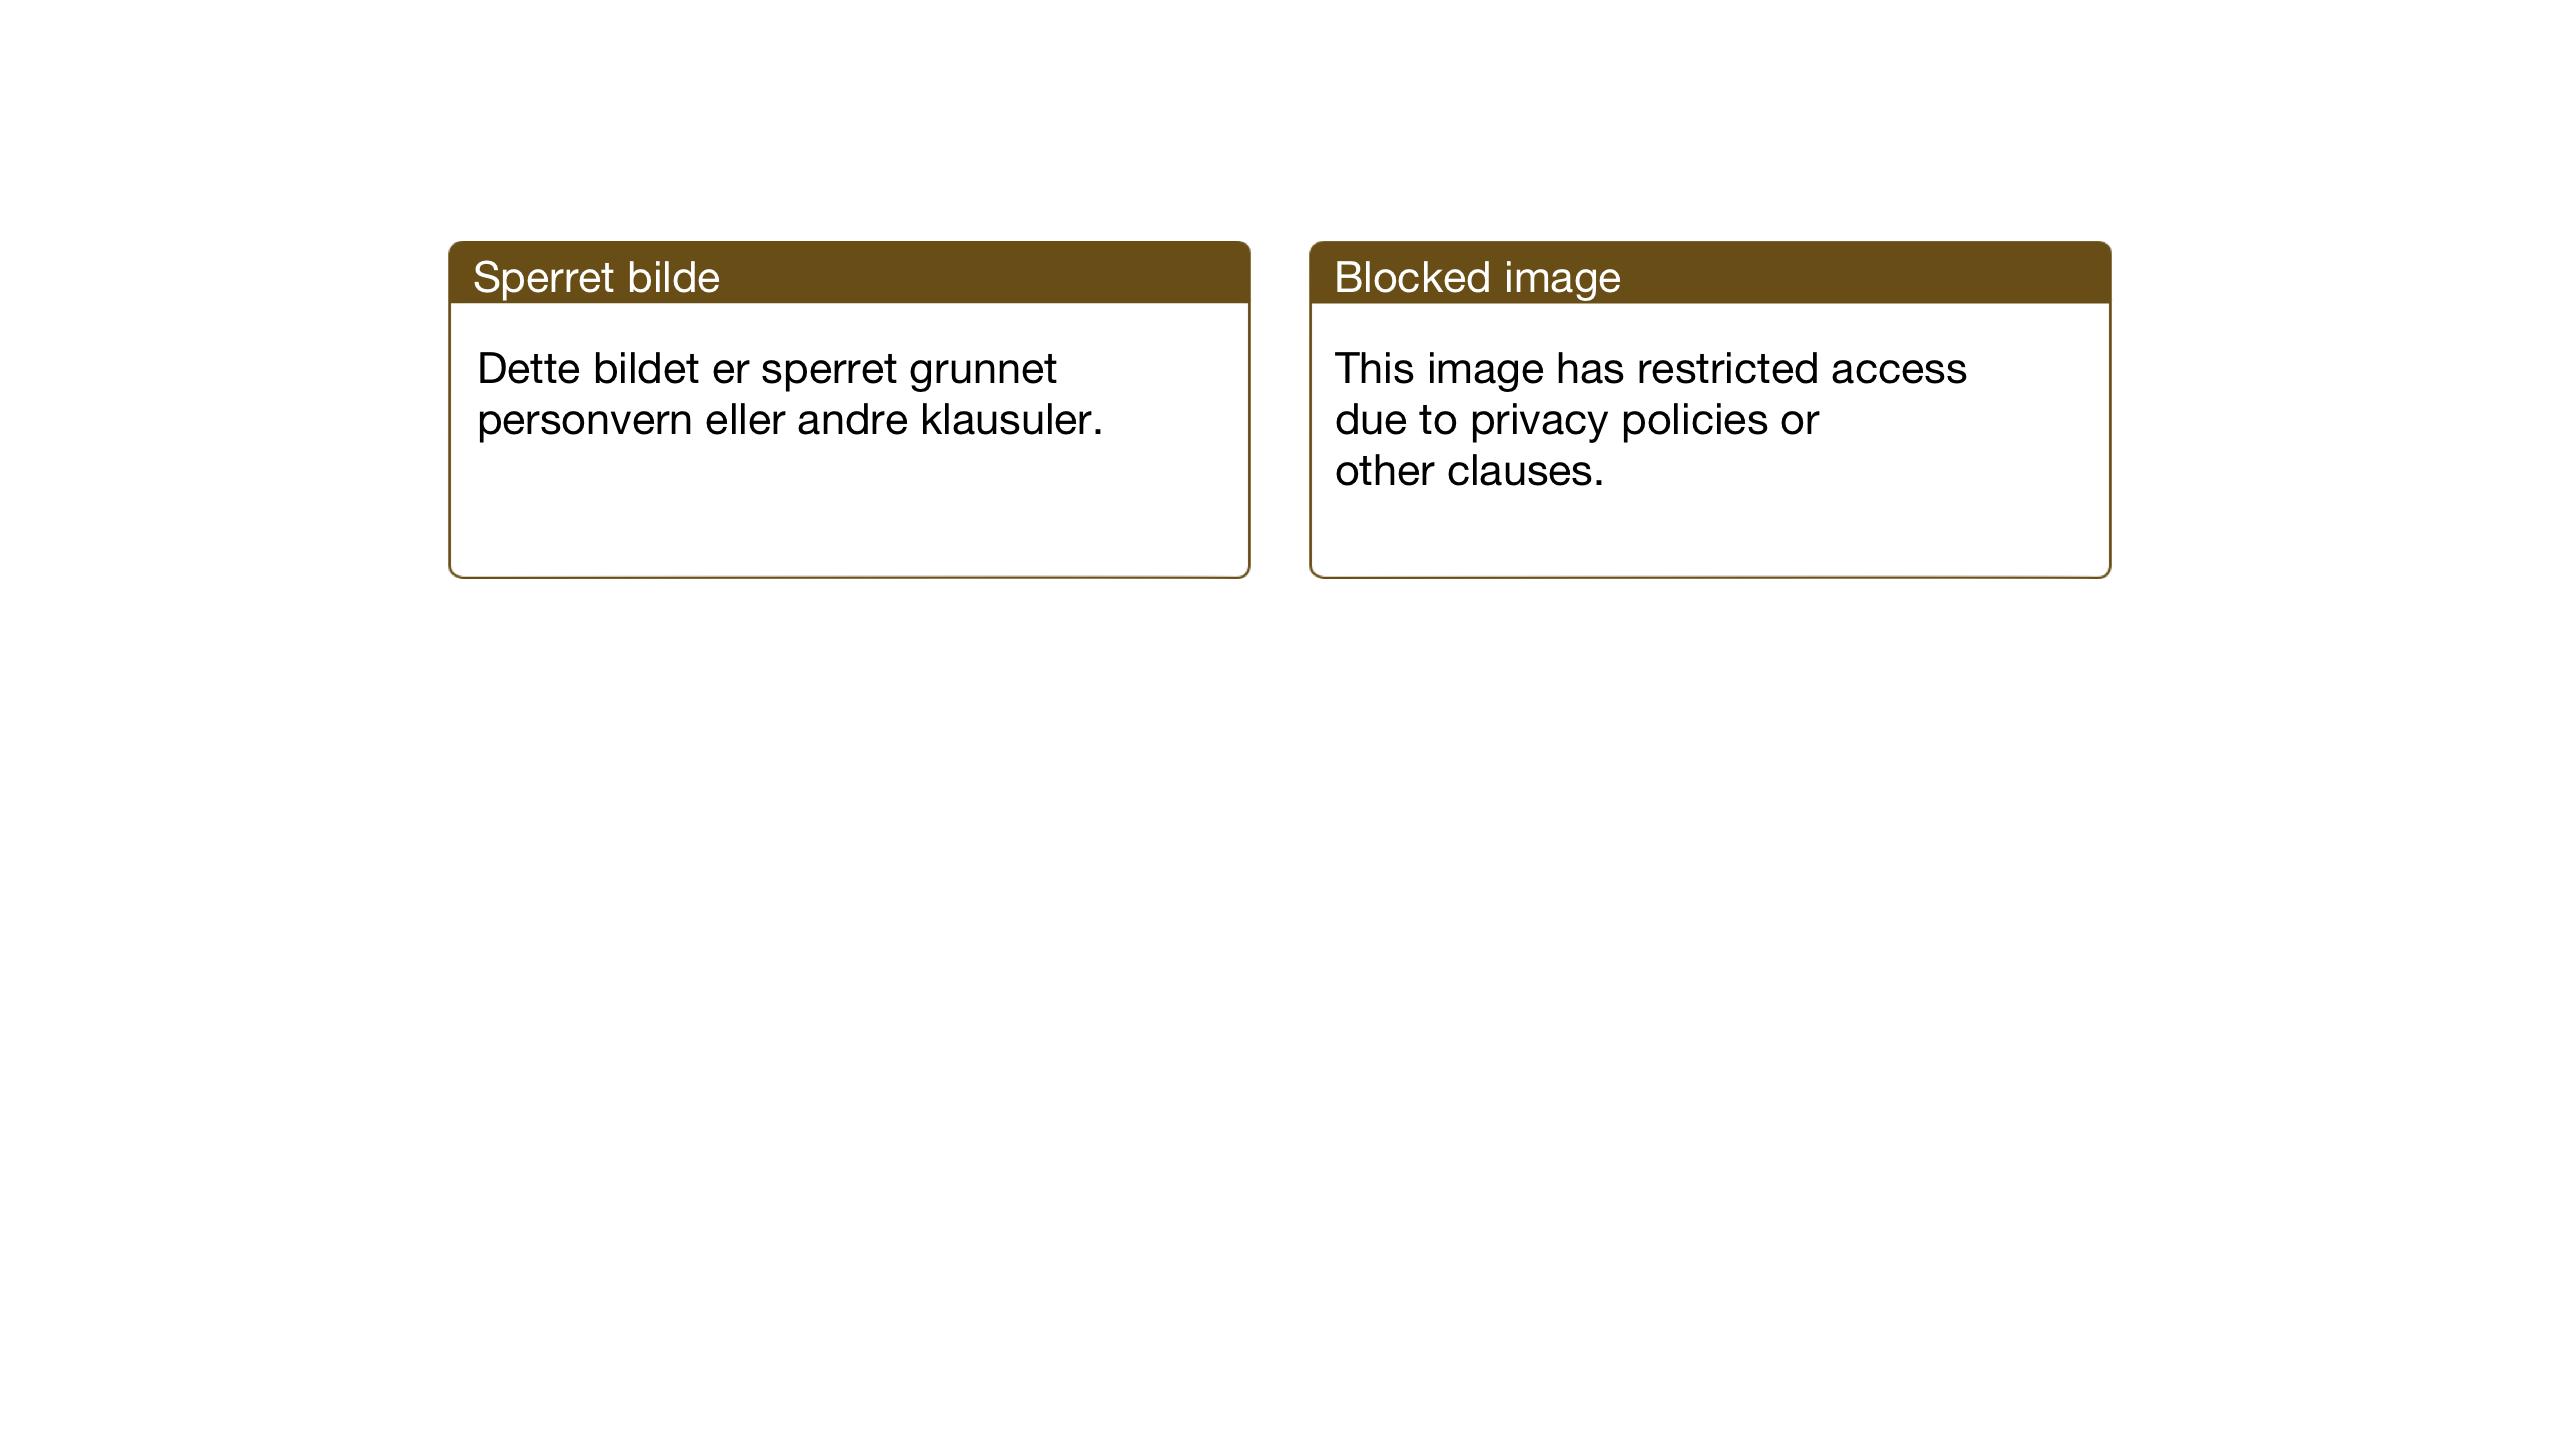 SAT, Ministerialprotokoller, klokkerbøker og fødselsregistre - Sør-Trøndelag, 681/L0943: Klokkerbok nr. 681C07, 1926-1954, s. 172